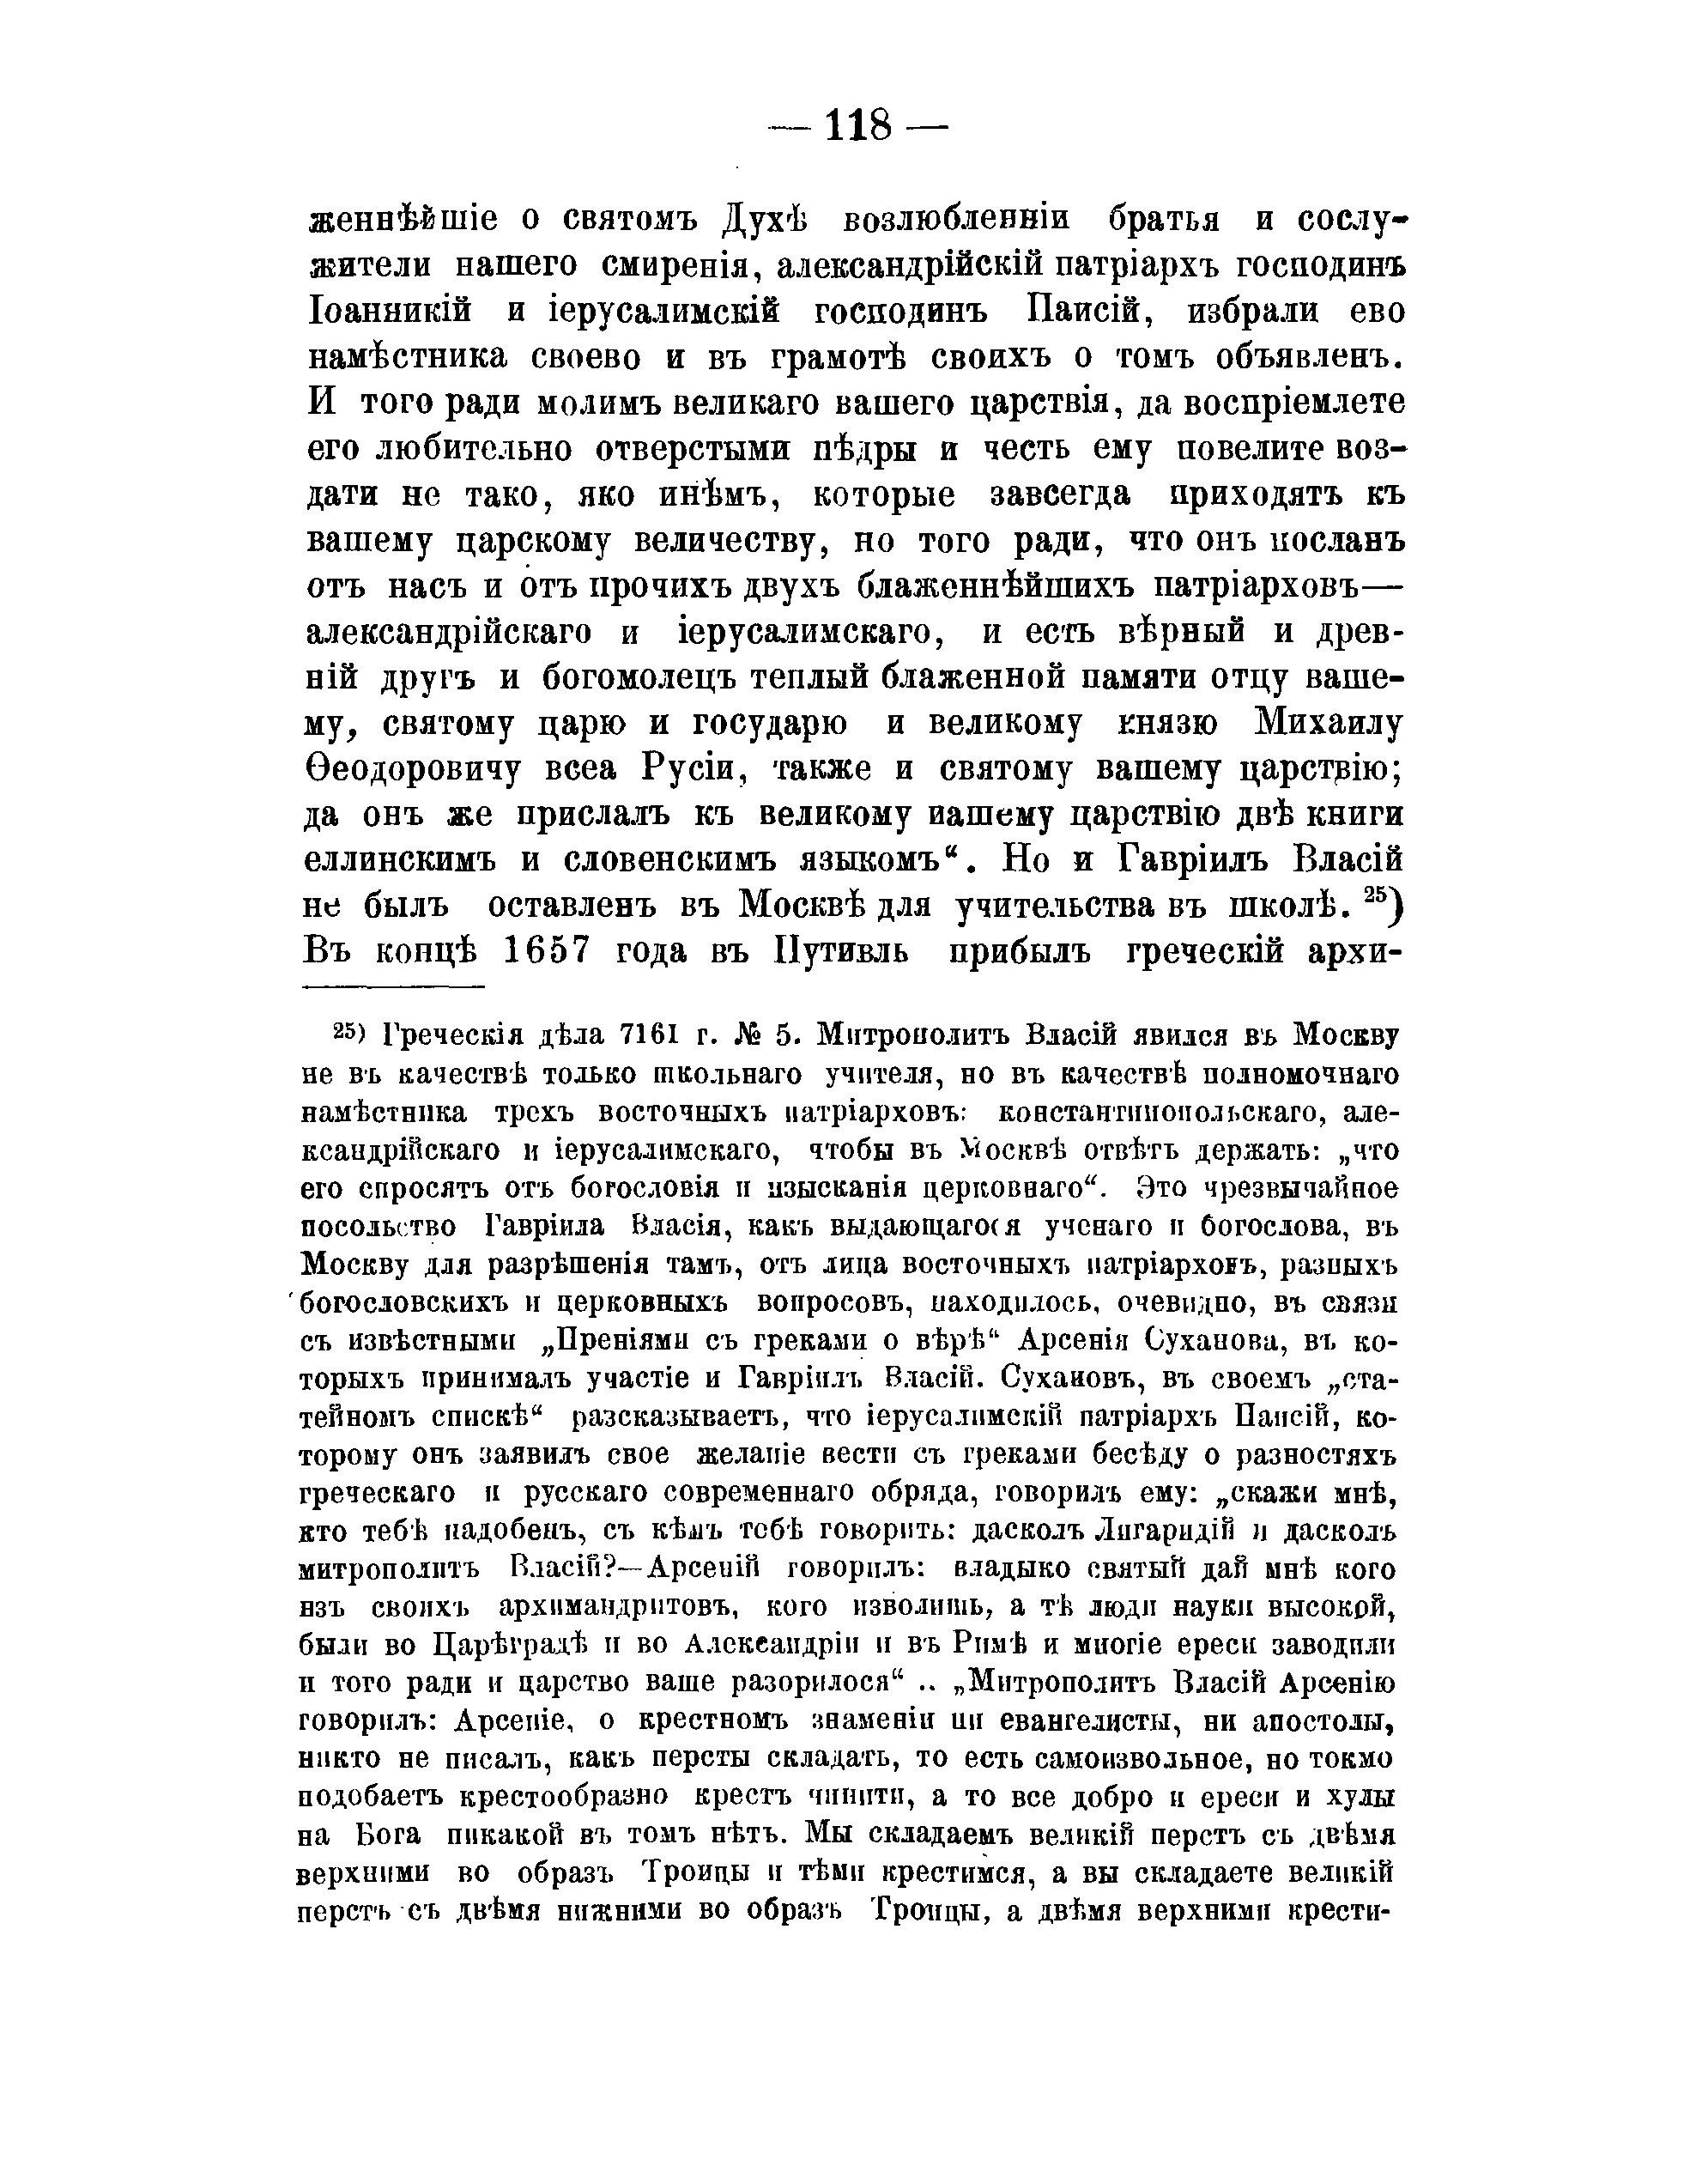 Сношать по русски